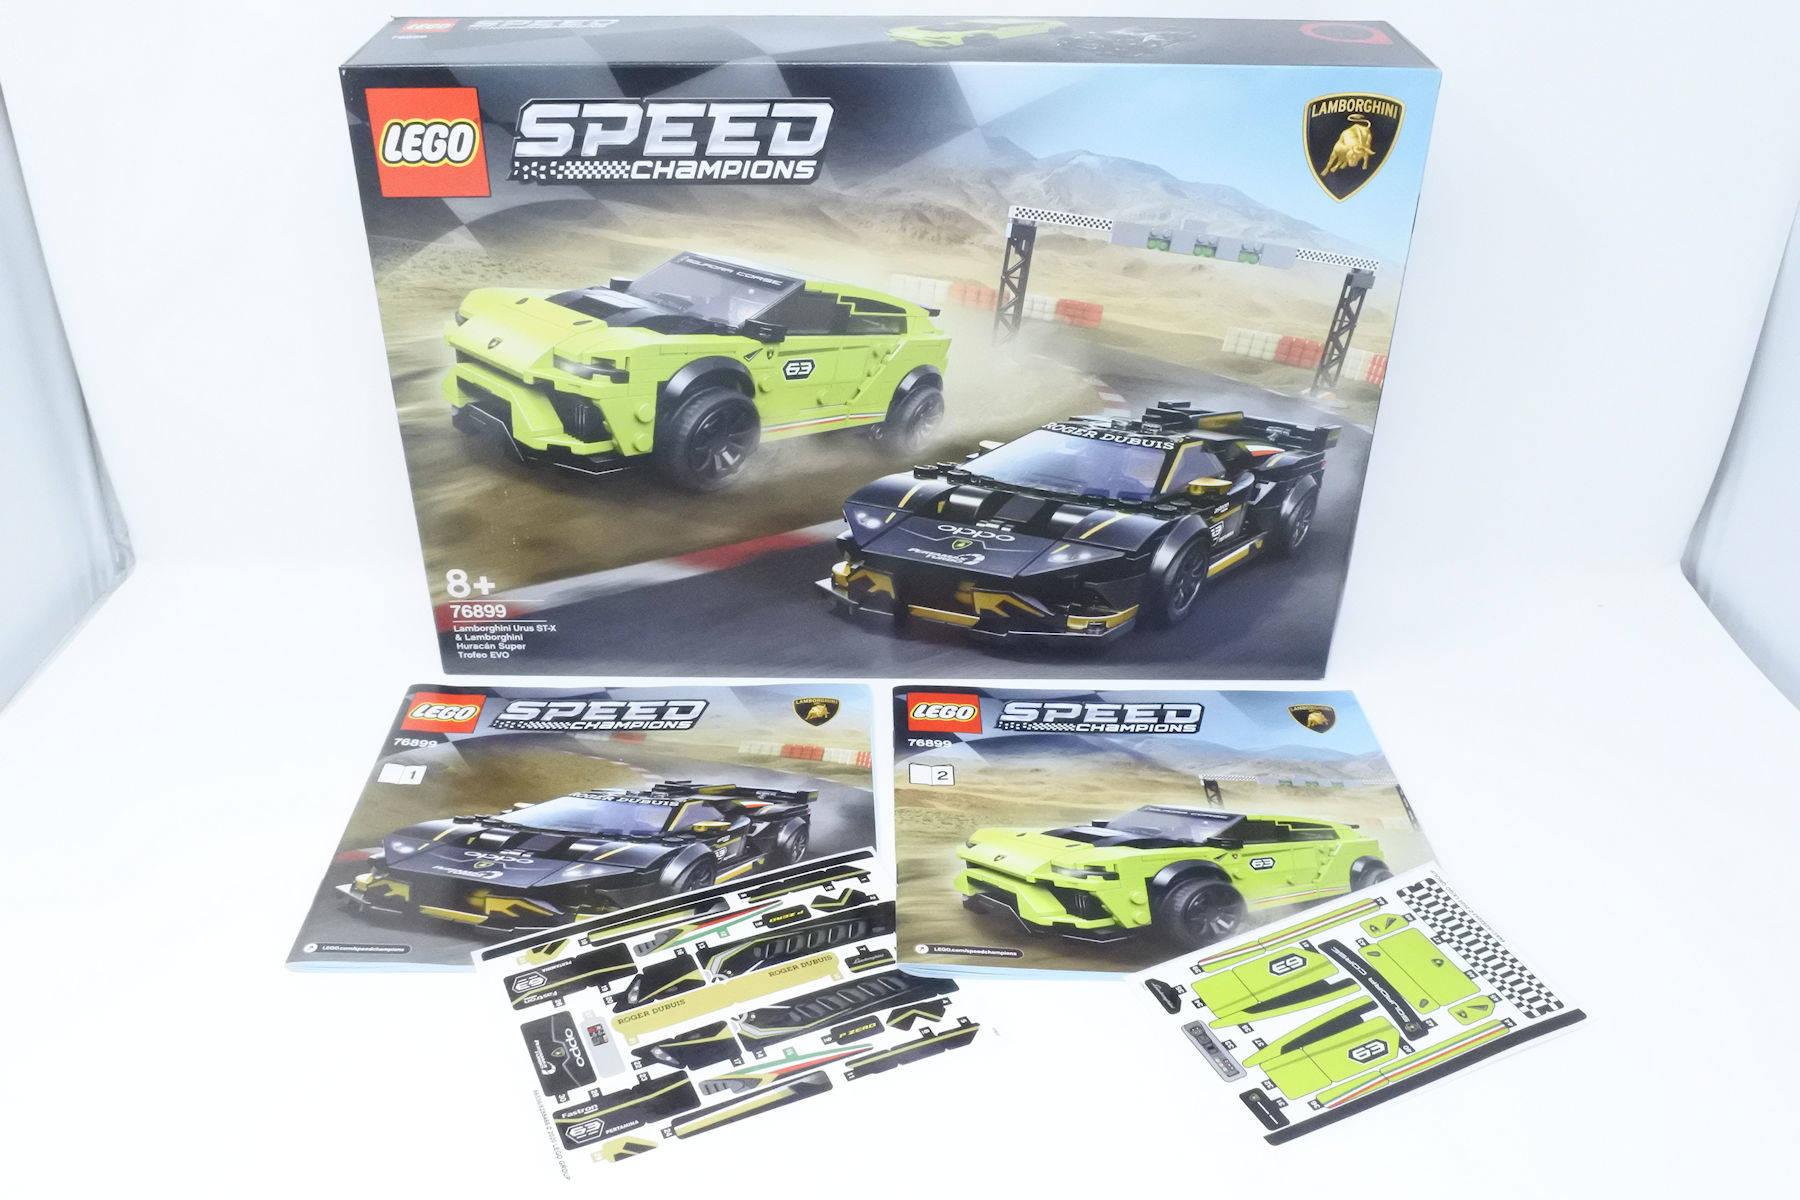 LEGO Speed Champions 76899 Lamborghini Duo